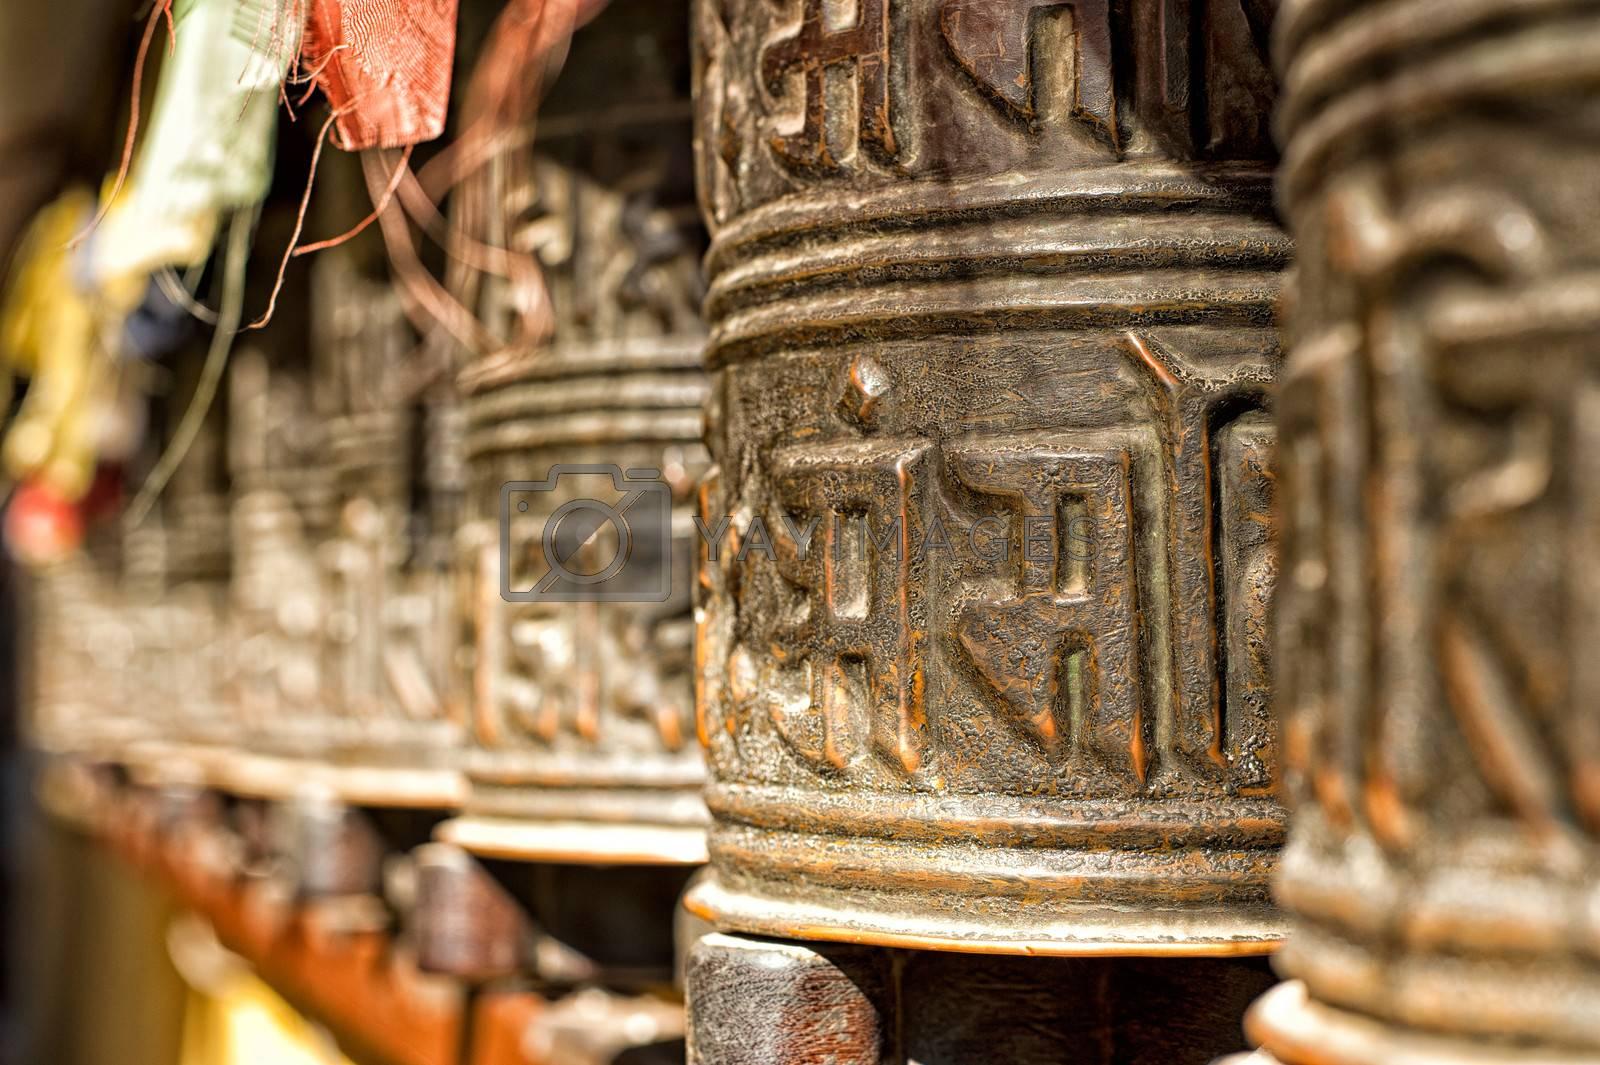 Boudhanath temple bells  in the Kathmandu valley, Nepal